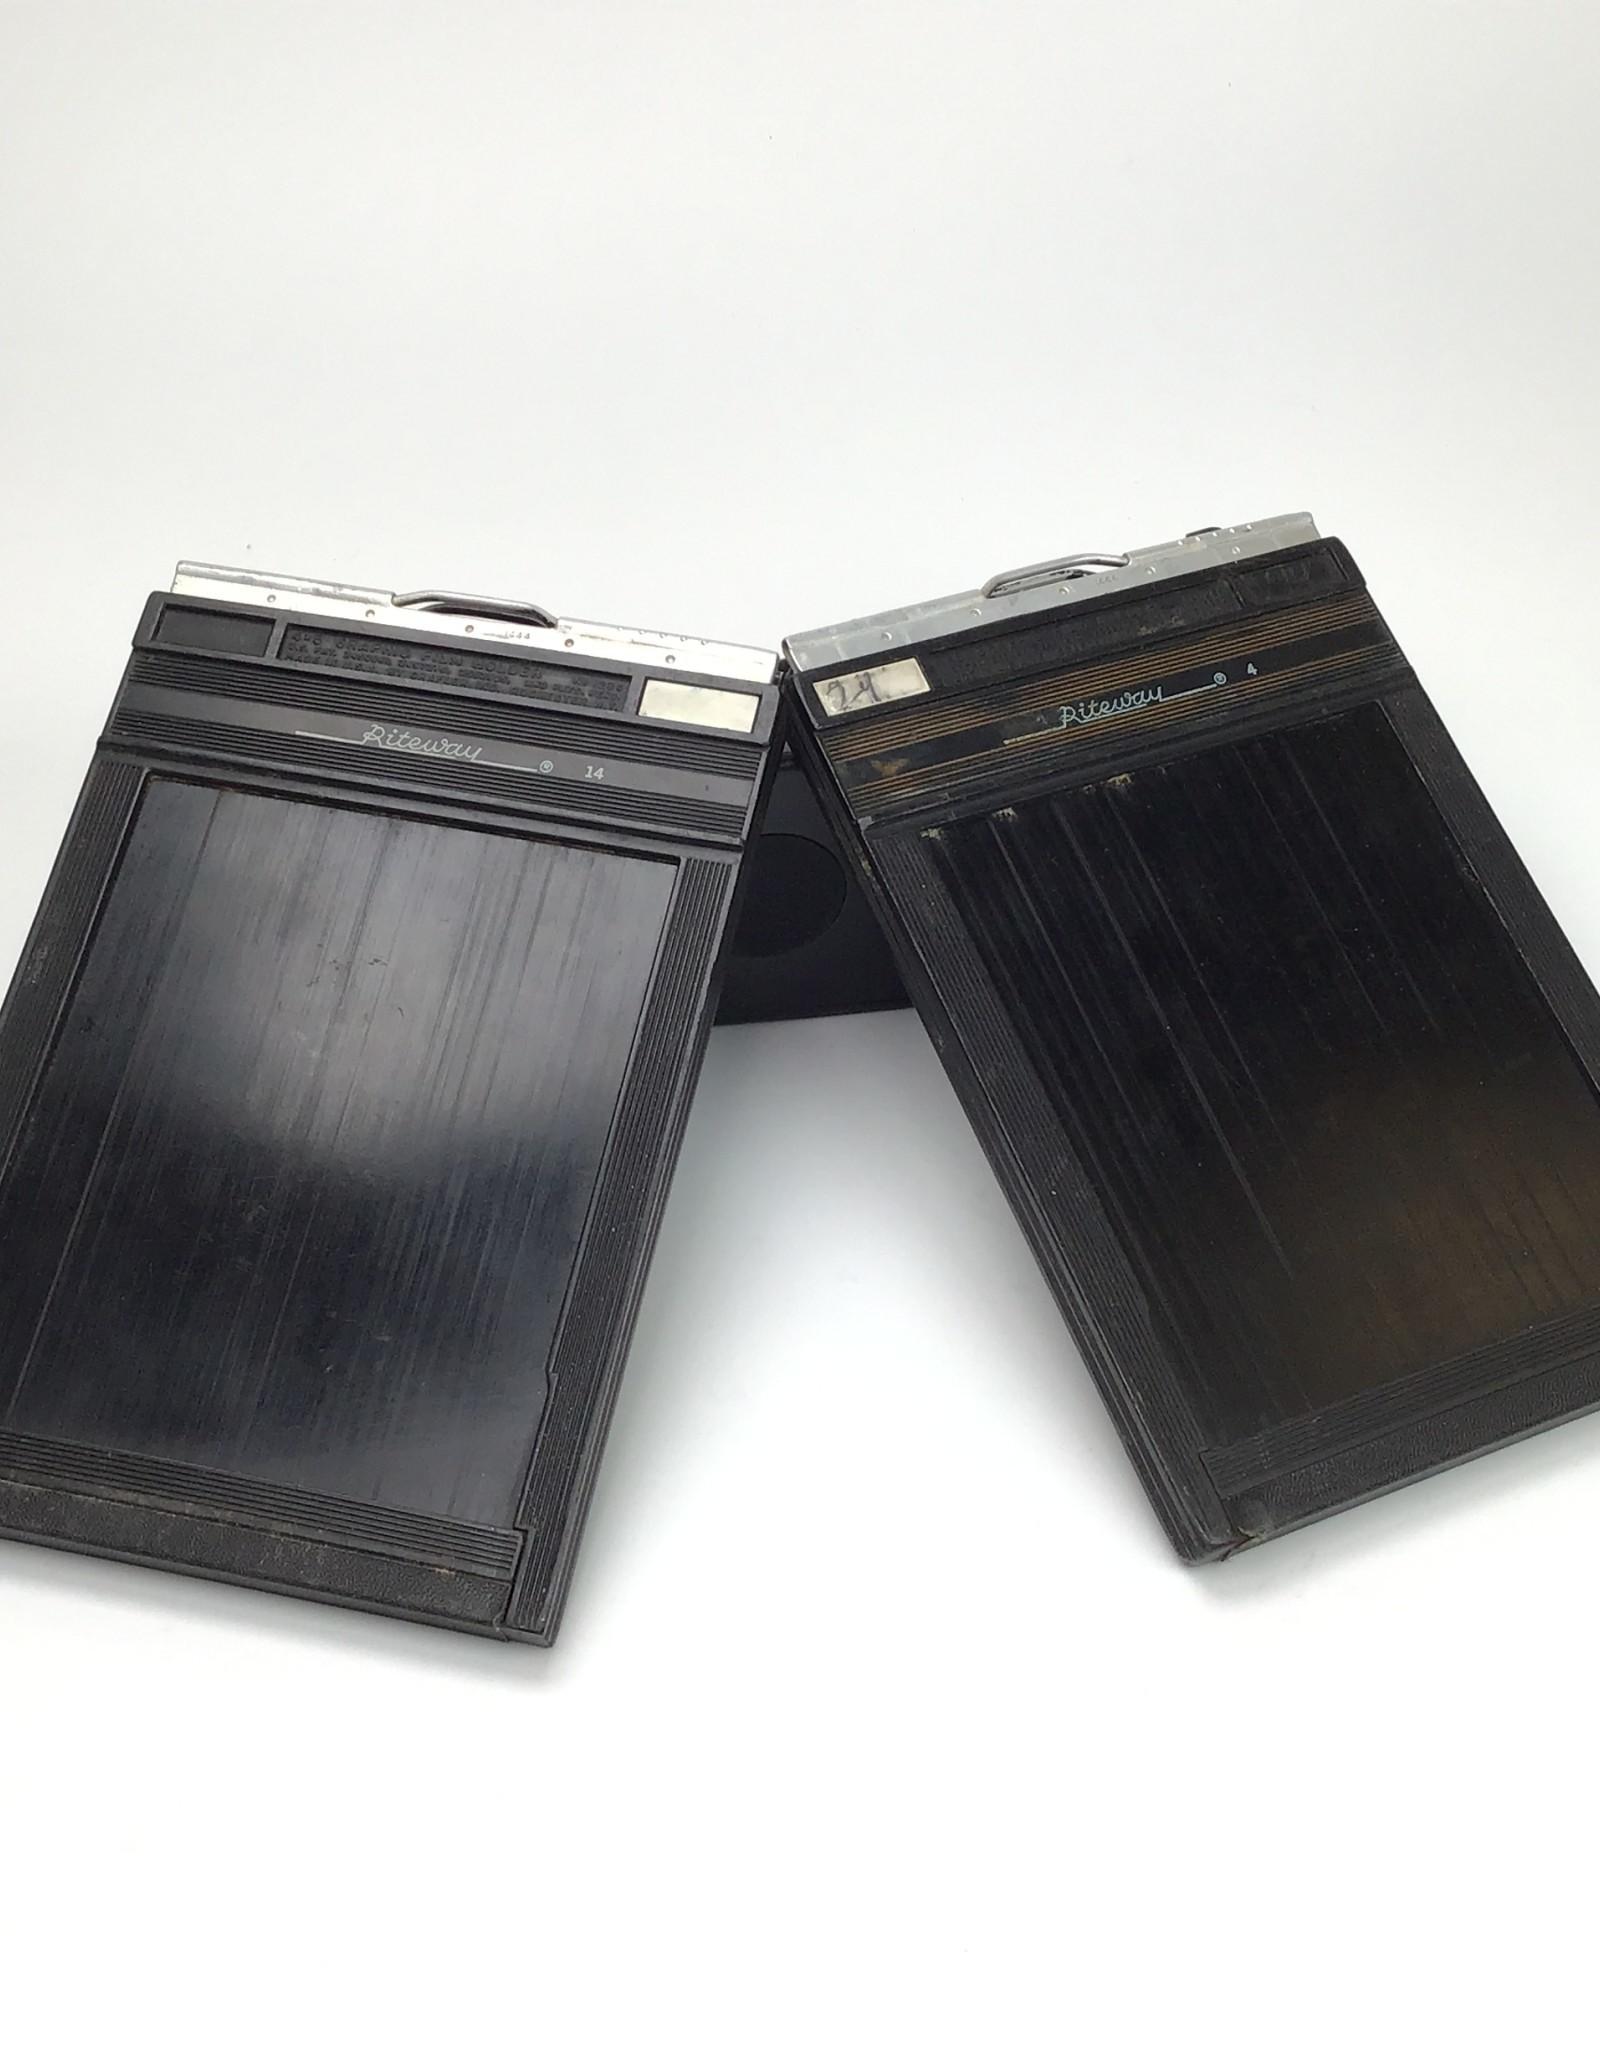 Pair of Riteway 4x5 Film Holders Used Fair